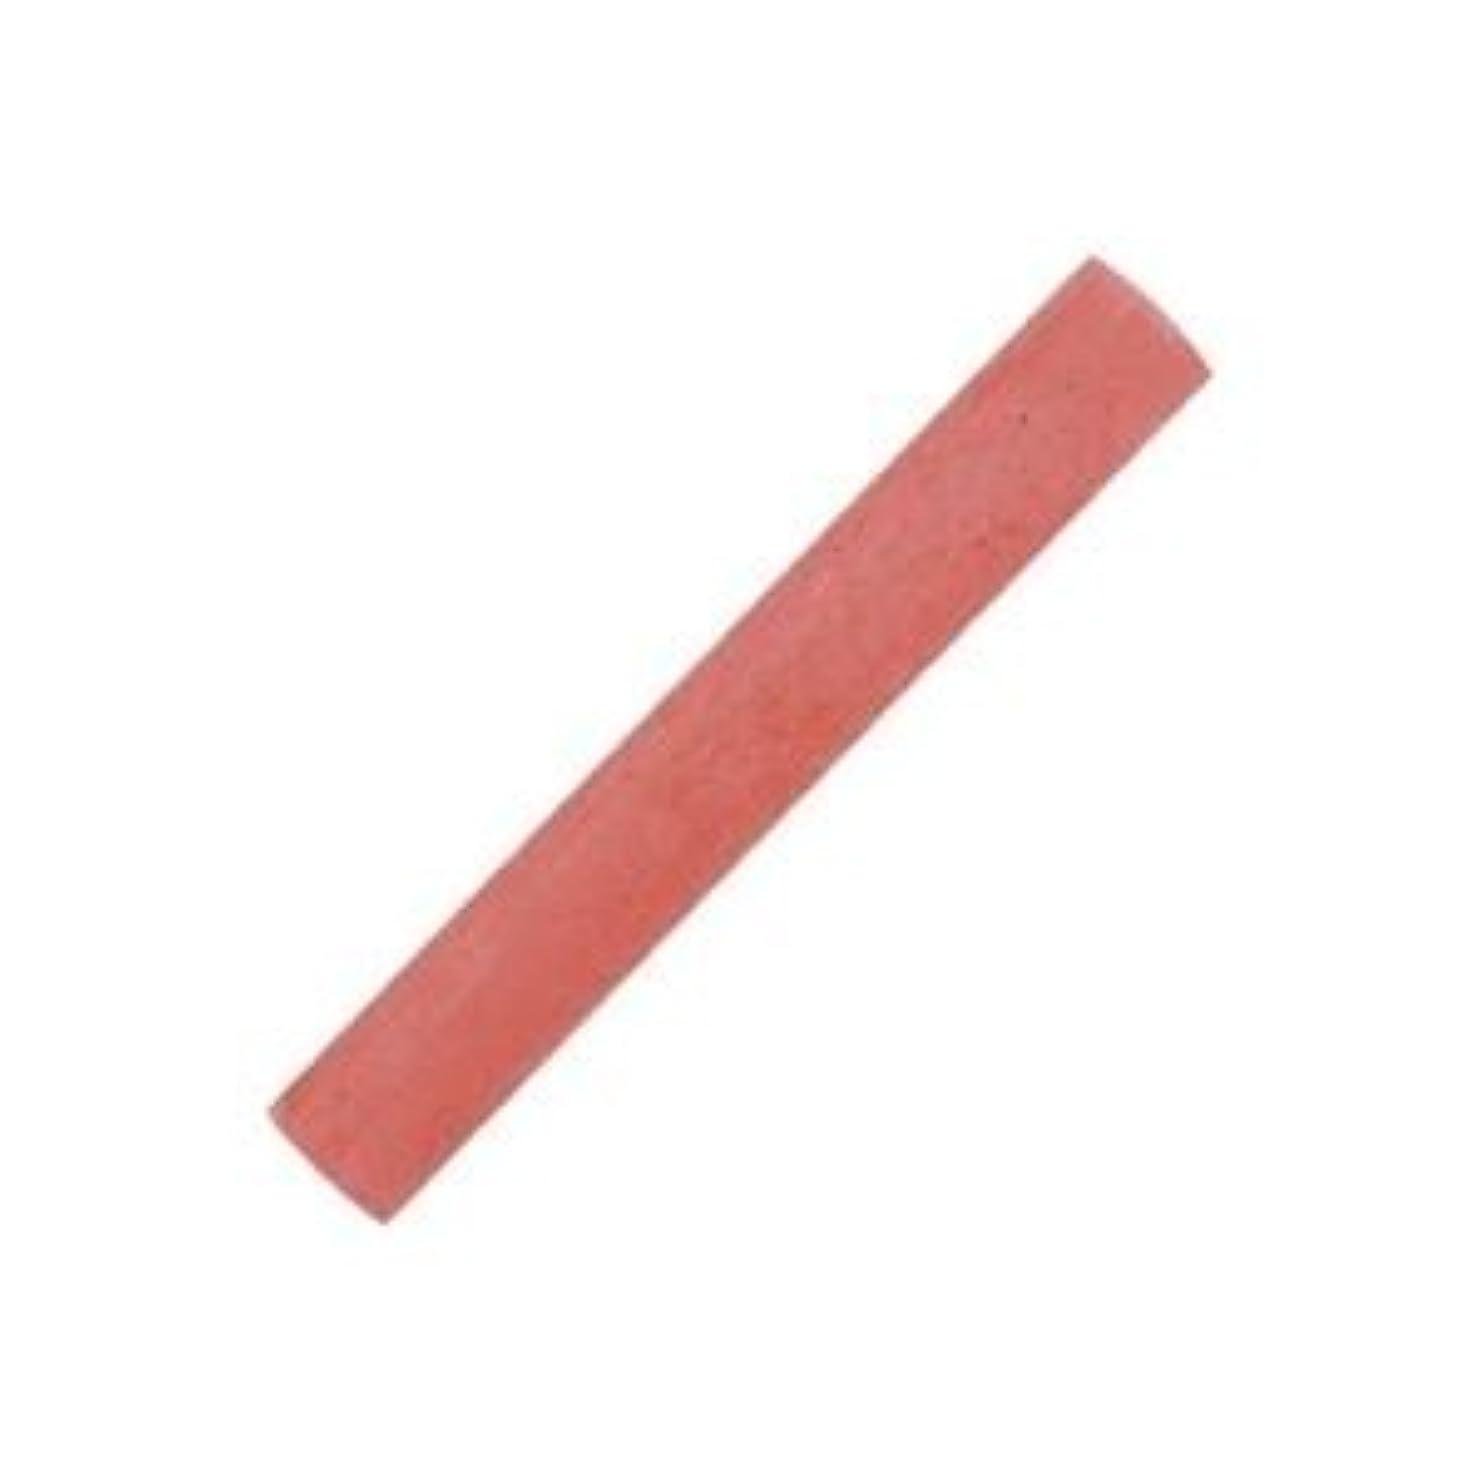 むさぼり食う離れて姪(業務用30セット) 日本白墨工業 天神チョーク CH-2 赤 100本入 ×30セット